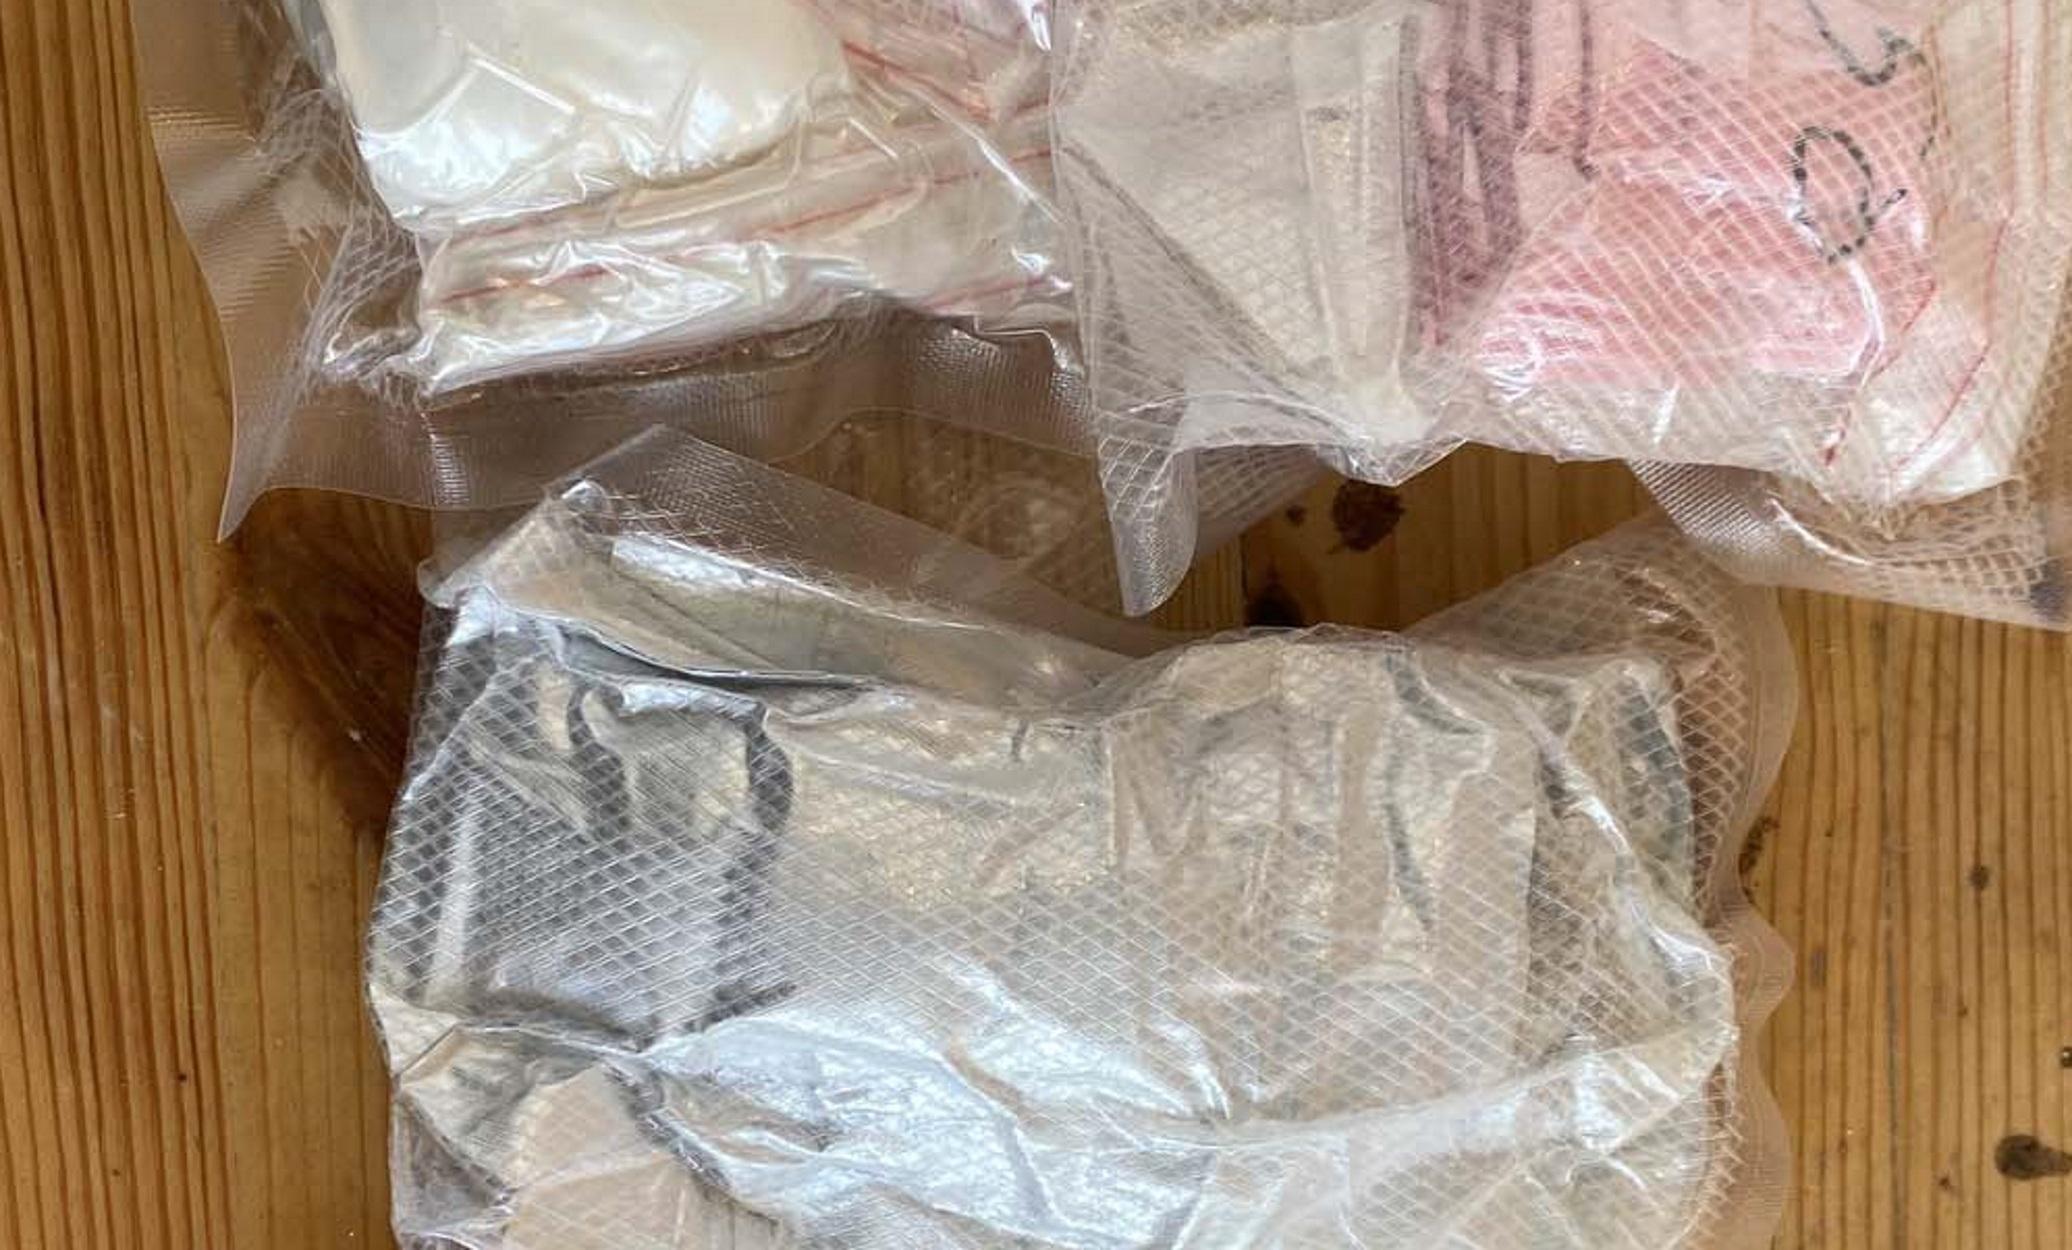 """Μύκονος: Συλλήψεις για διακίνηση ναρκωτικών – Τους """"μύρισε"""" ο σκύλος της αστυνομίας"""